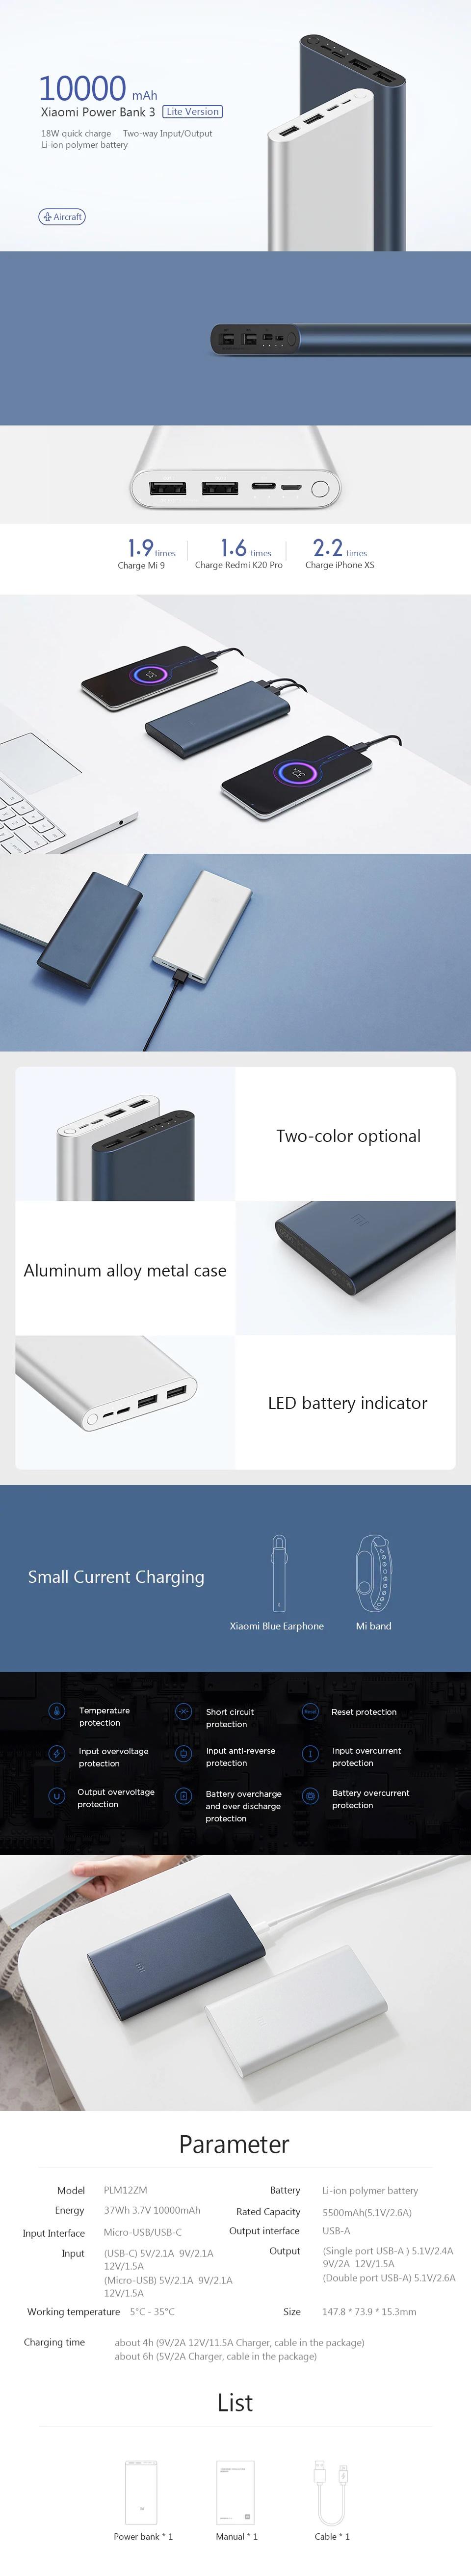 Xiaomi Mi Power Bank 3 10000mAh PLM13ZM Dual USB 18W Fast Charging